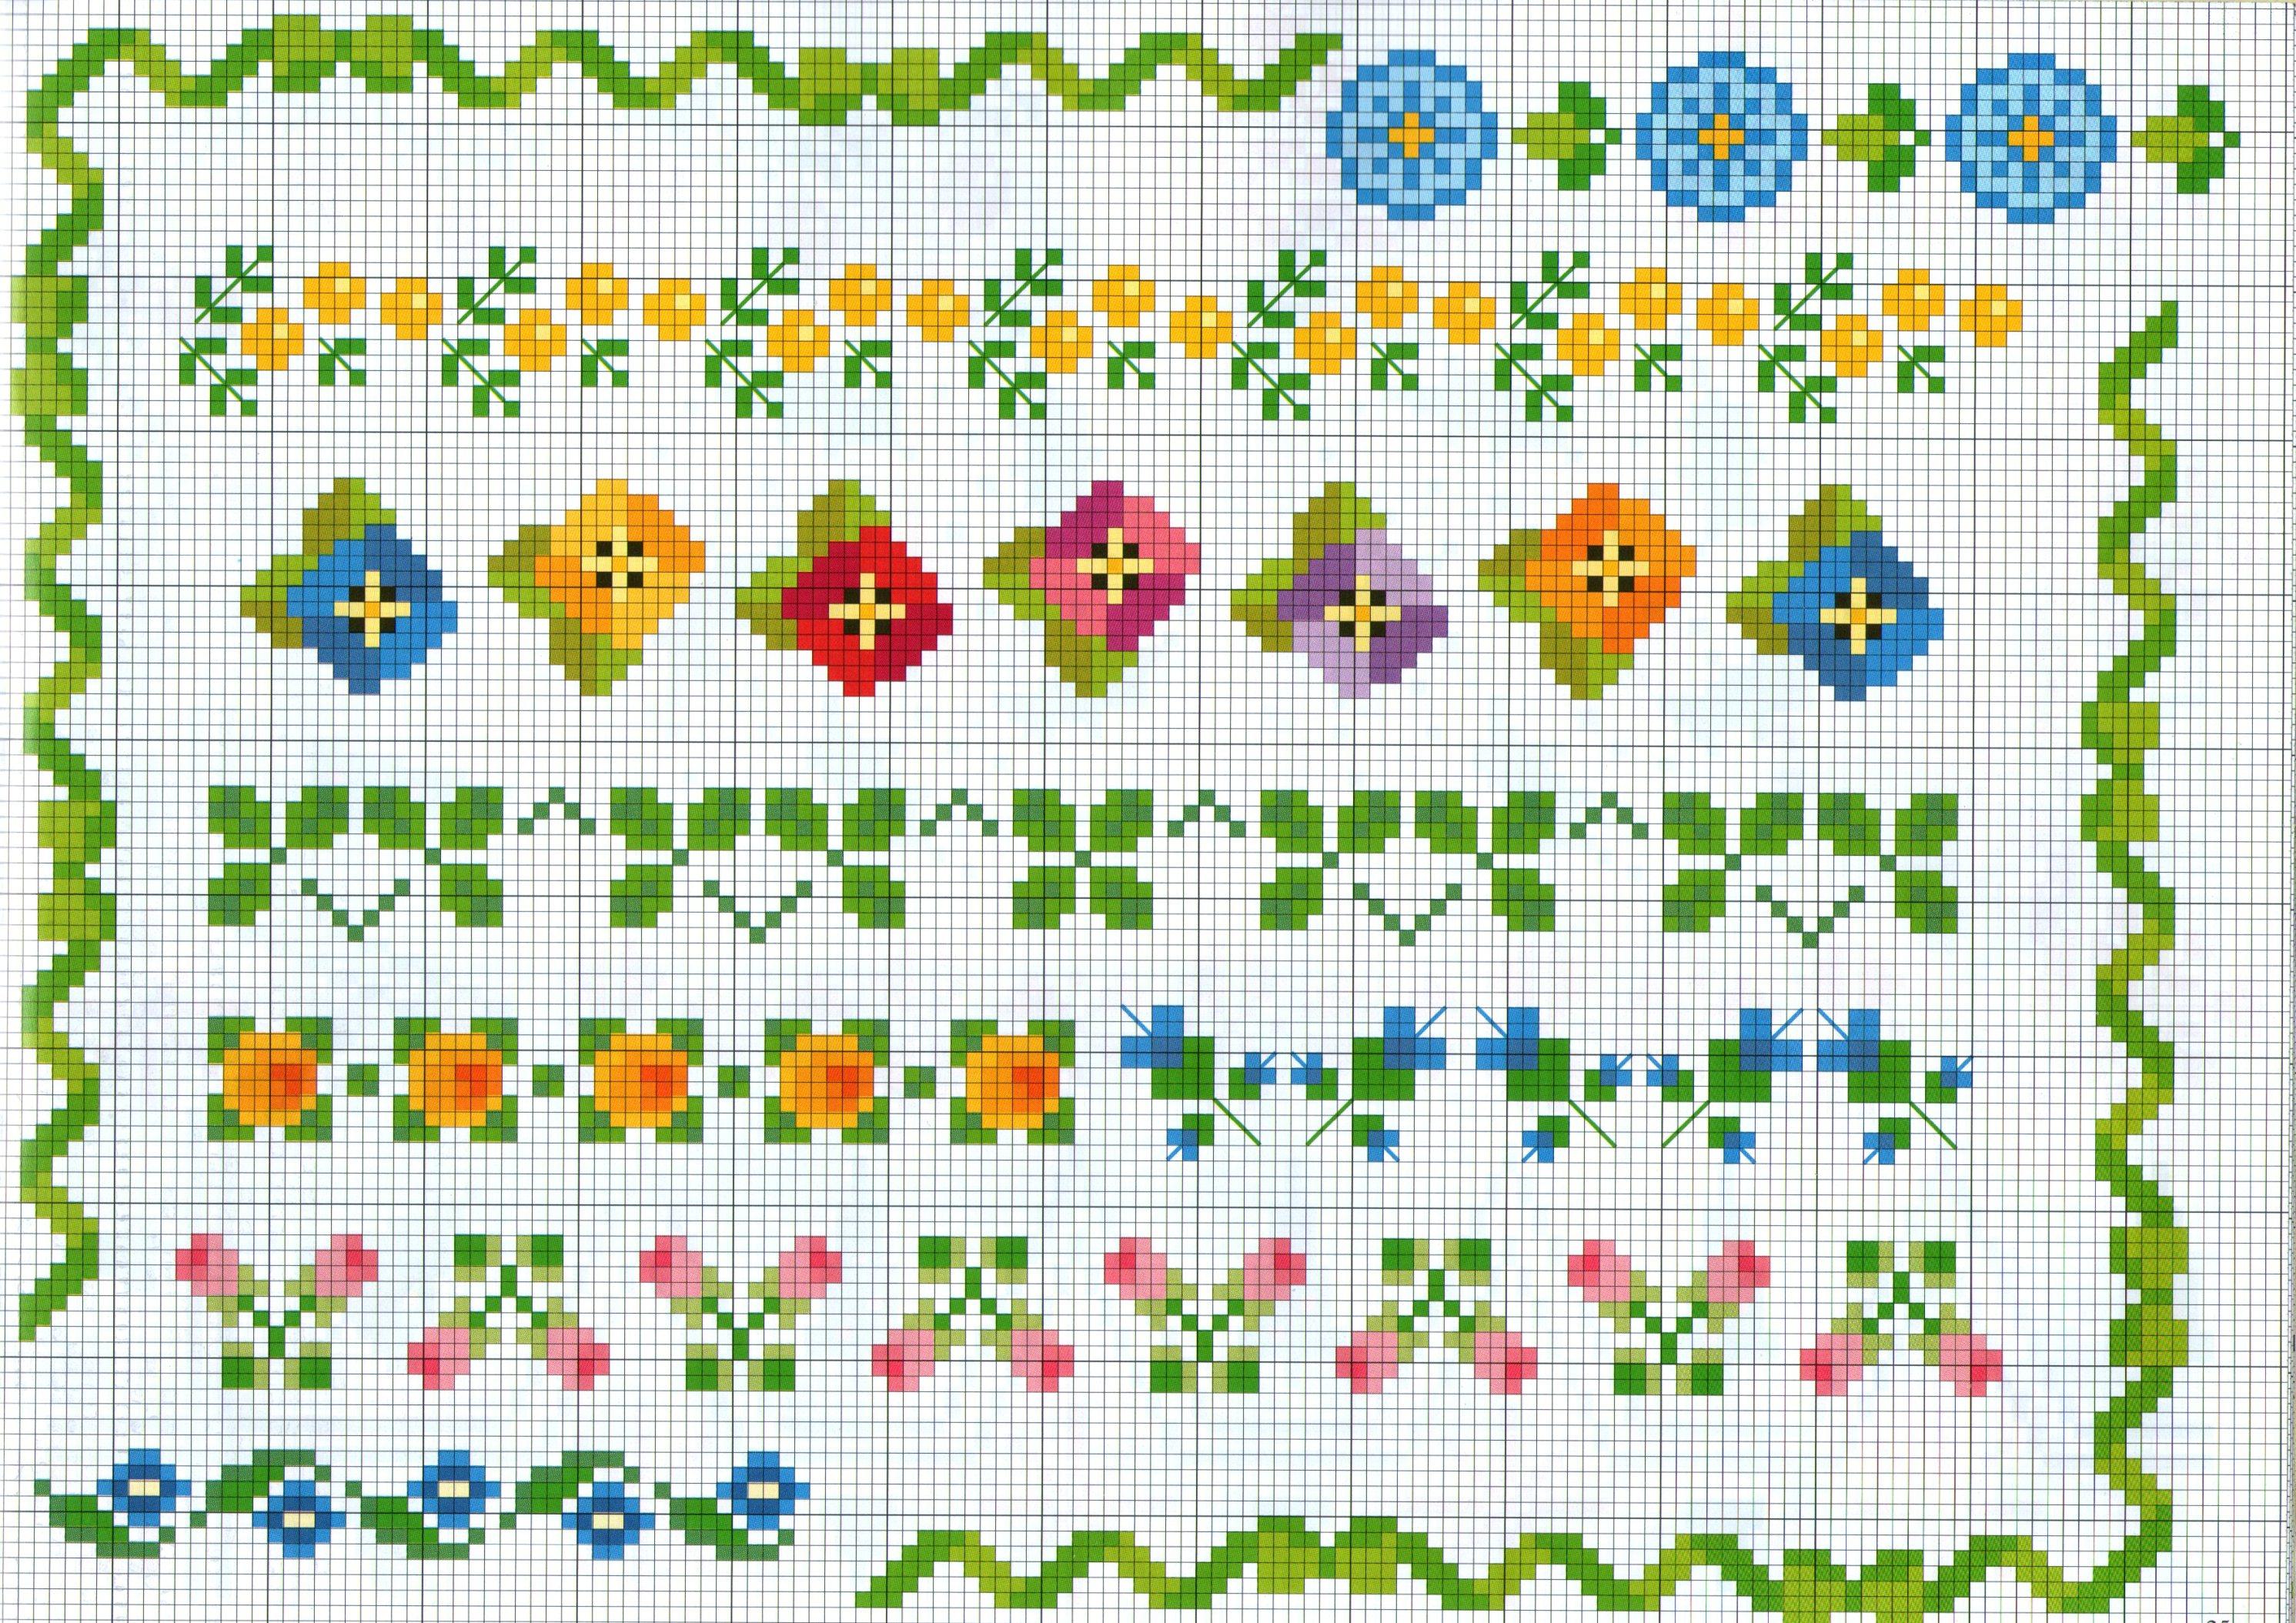 Disegni ricami fiori colorati for Piccoli ricami punto croce per bambini